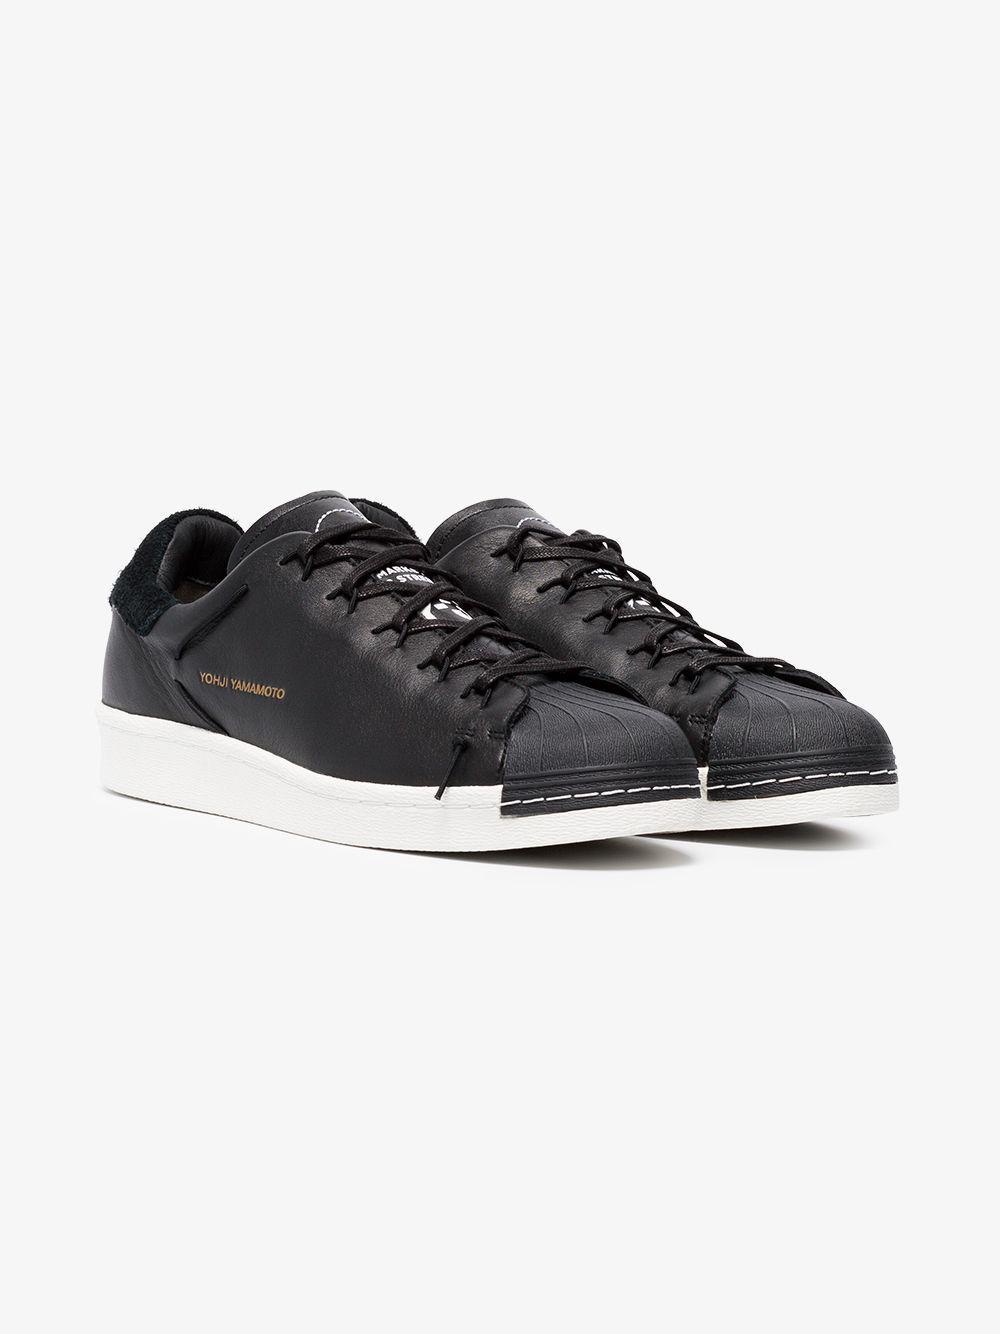 4e7b7ba11 Y-3 Superknot Sneakers in Black for Men - Lyst